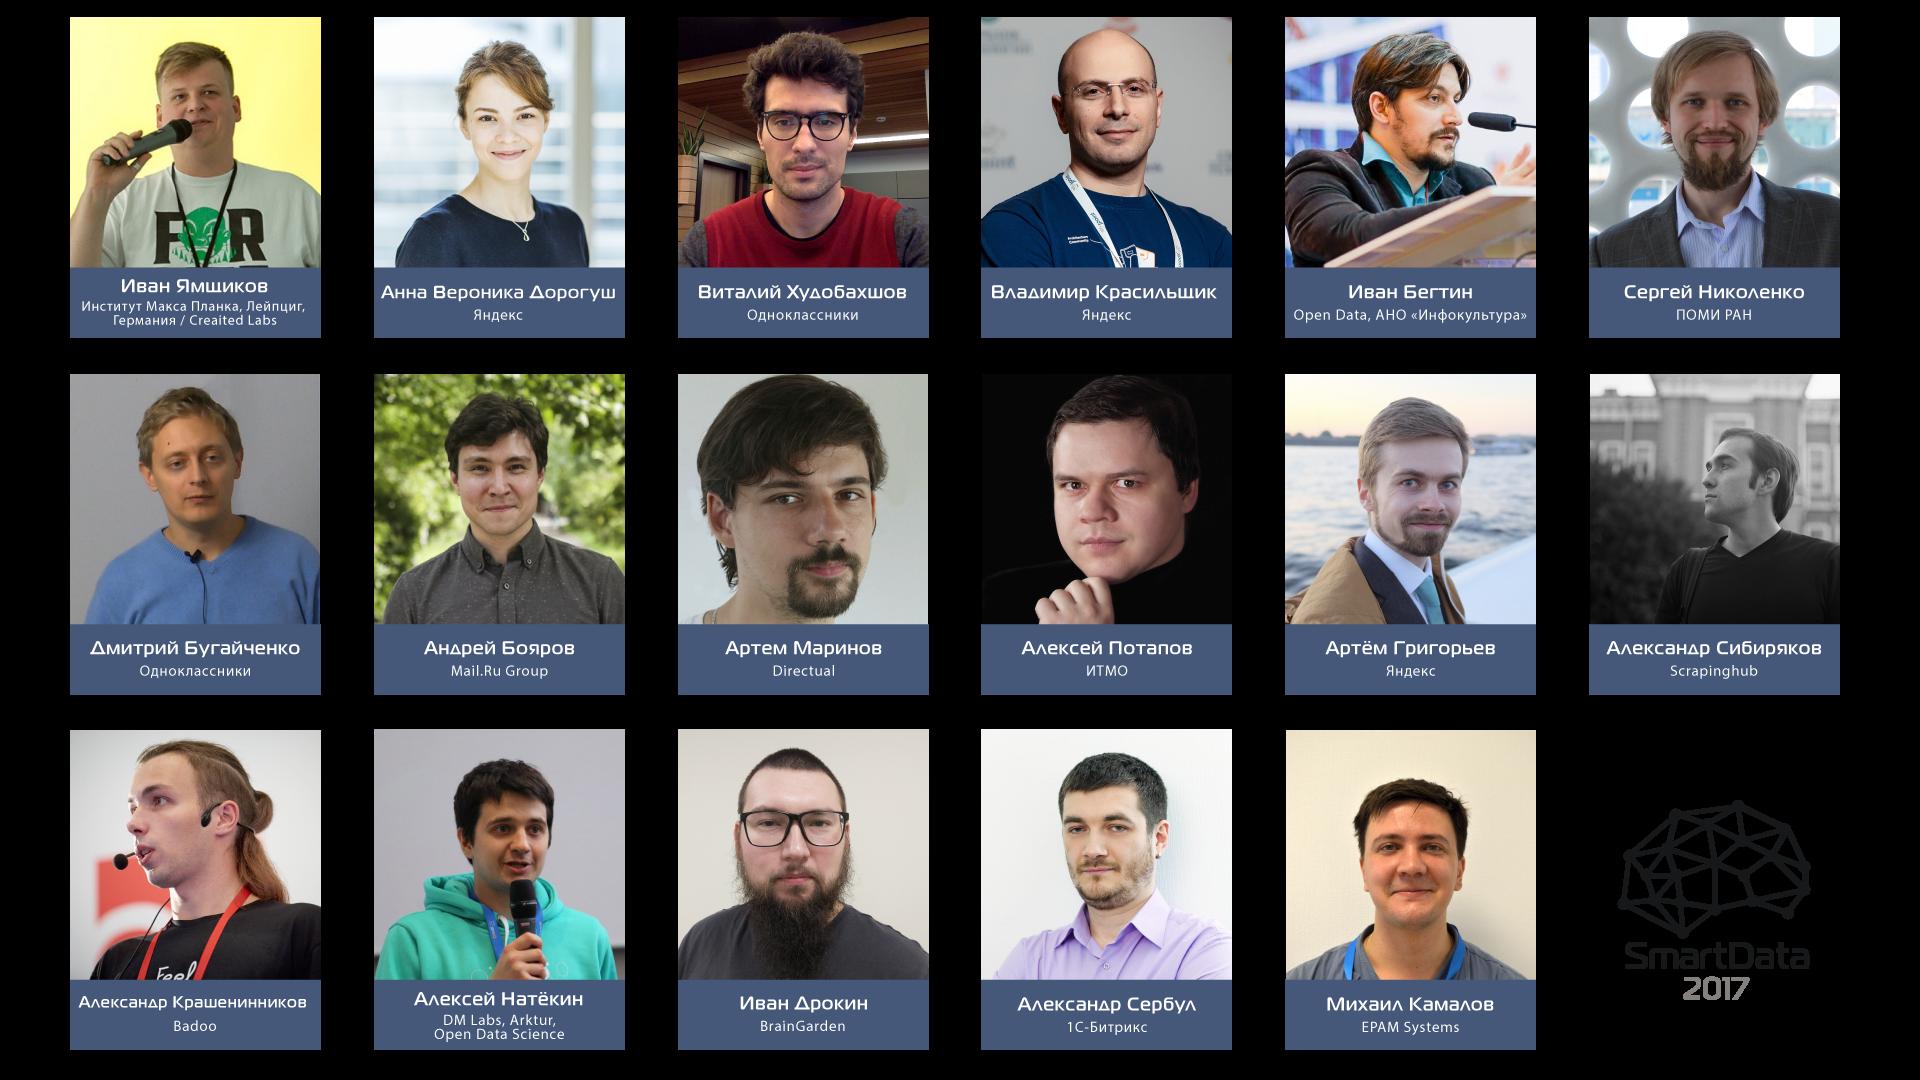 Вести с полей больших и умных данных: программа конференции SmartData 2017 Piter